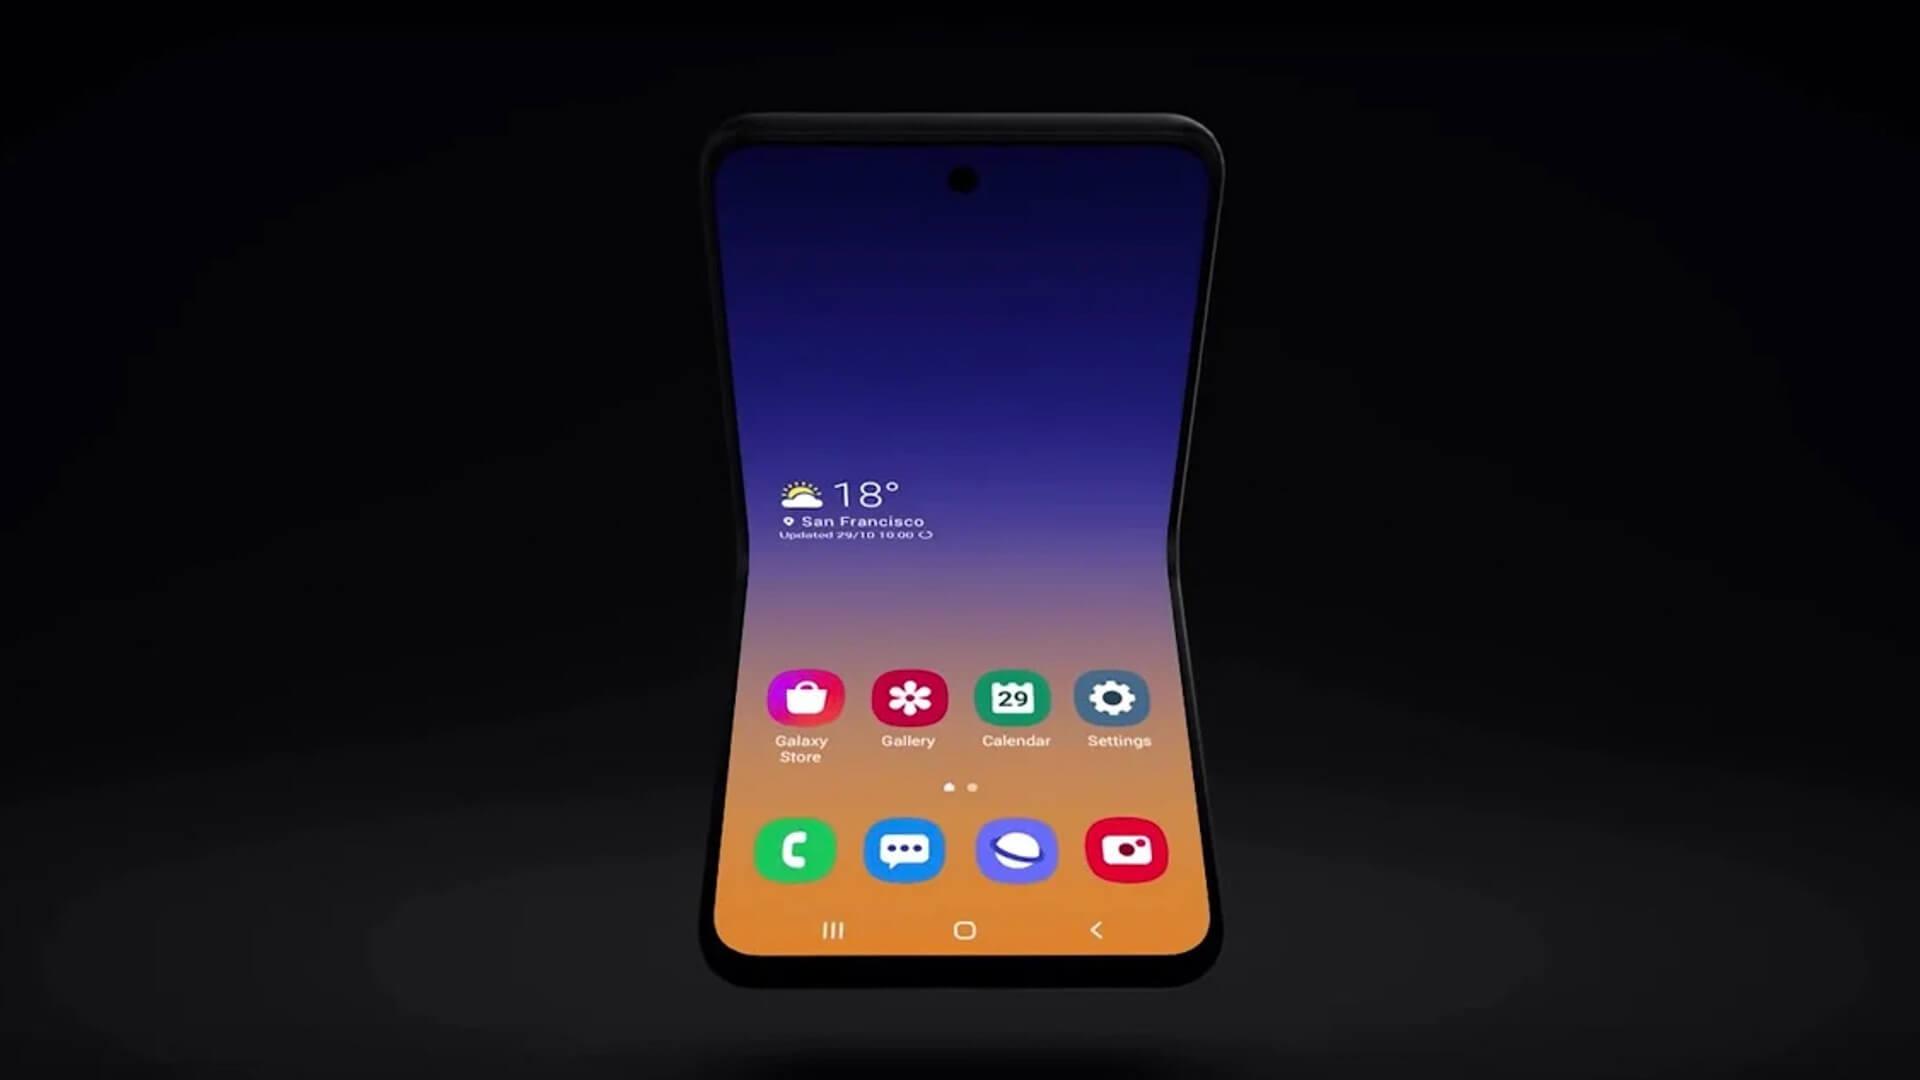 самый мощный телефон на андроиде 2020 продажа минитракторов в беларуси в кредит